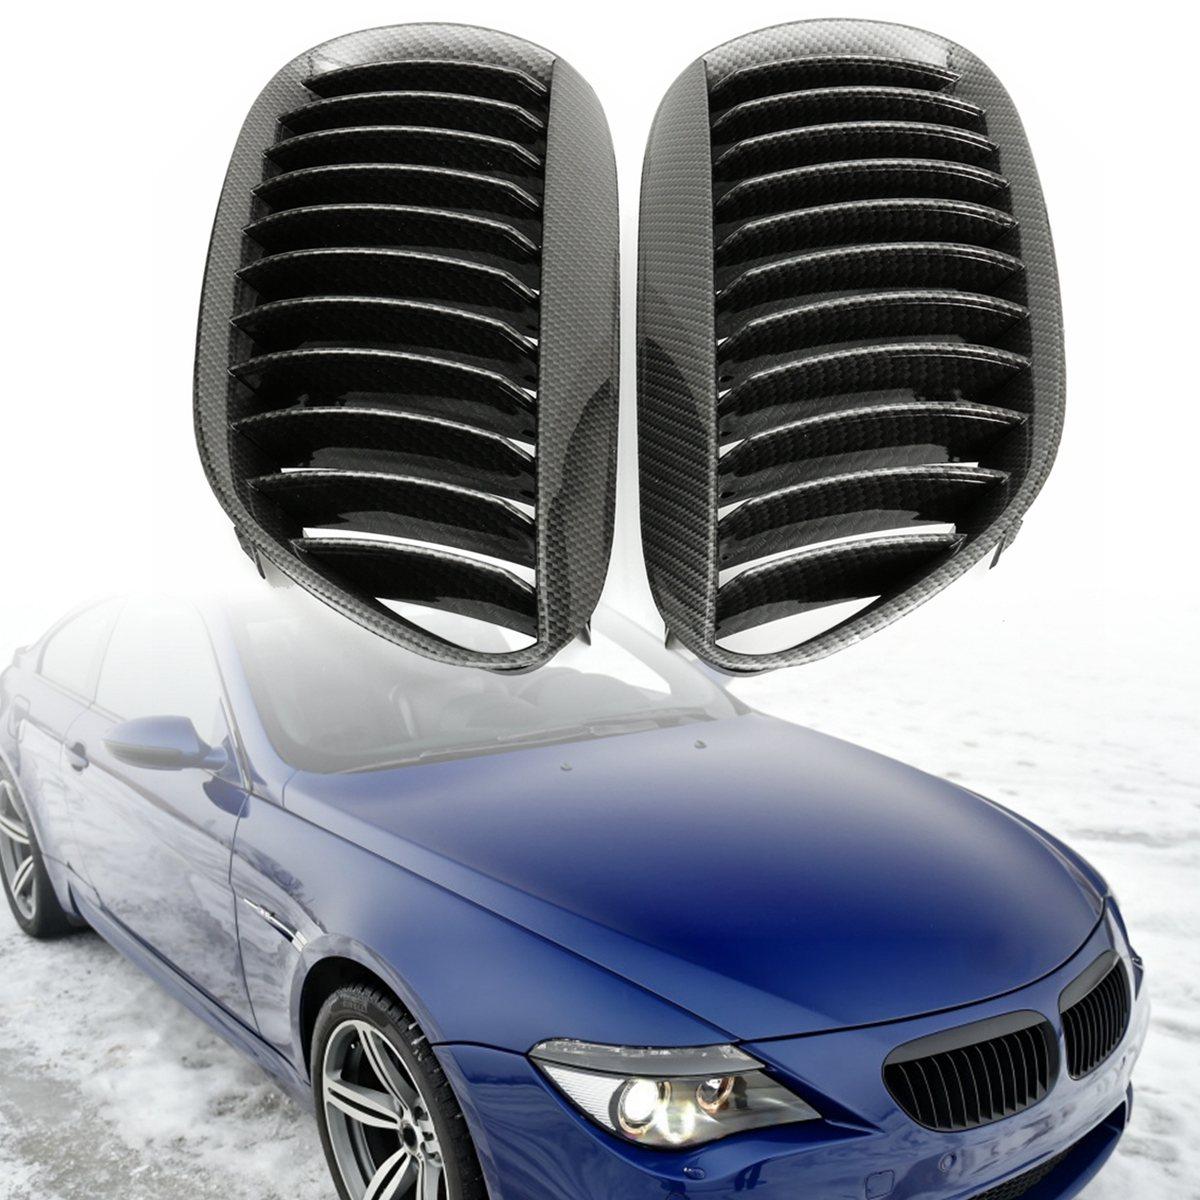 Пара углерода зерна почек решетки спереди справа налево для BMW E63 E64 6 серии 2 двери решетка 2003 2004 2005 2006 2007 2008 2009 2010